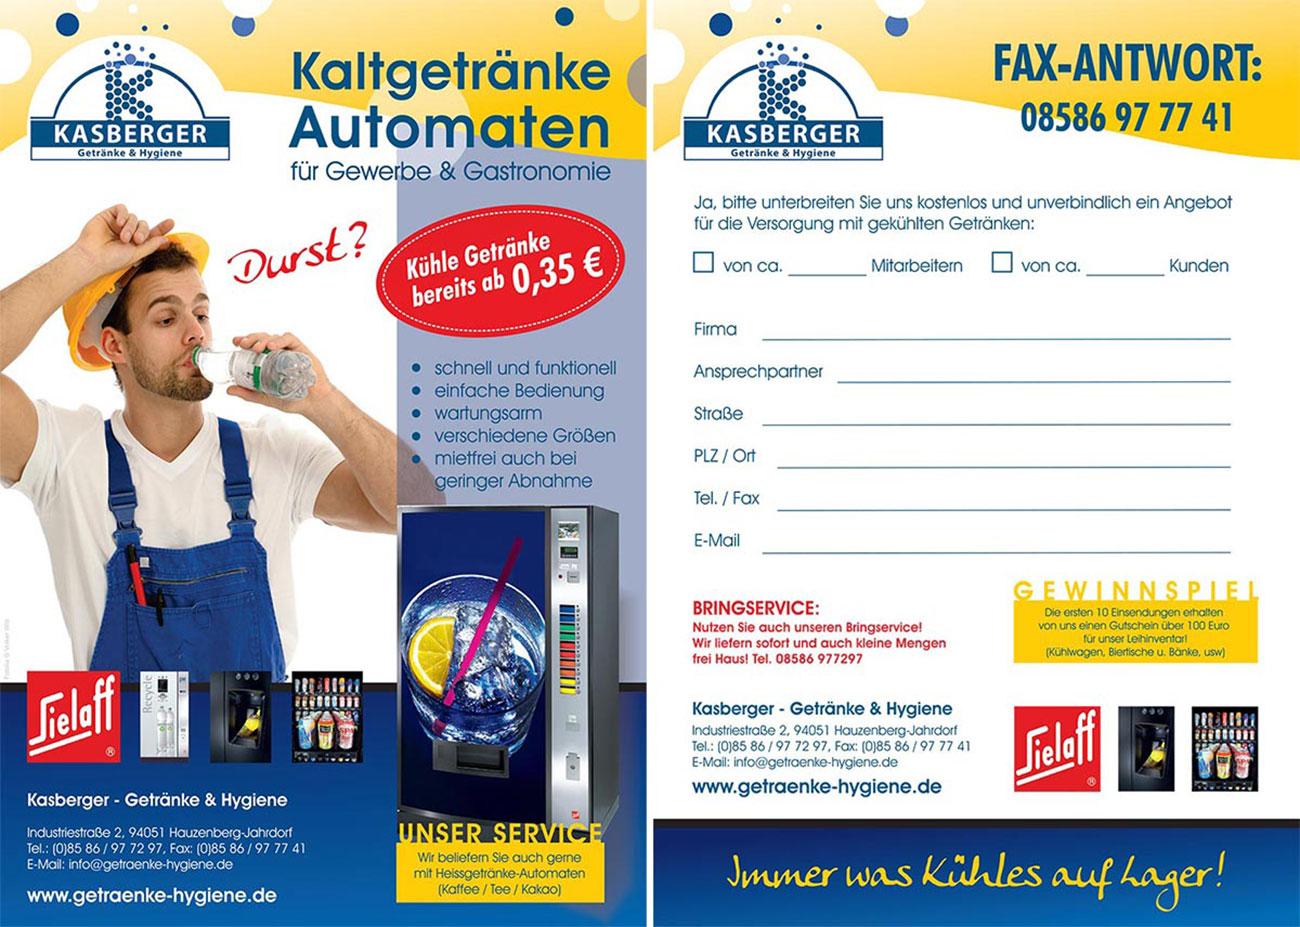 Kaltgetränke Automaten für Gewerbe & Gastronomie